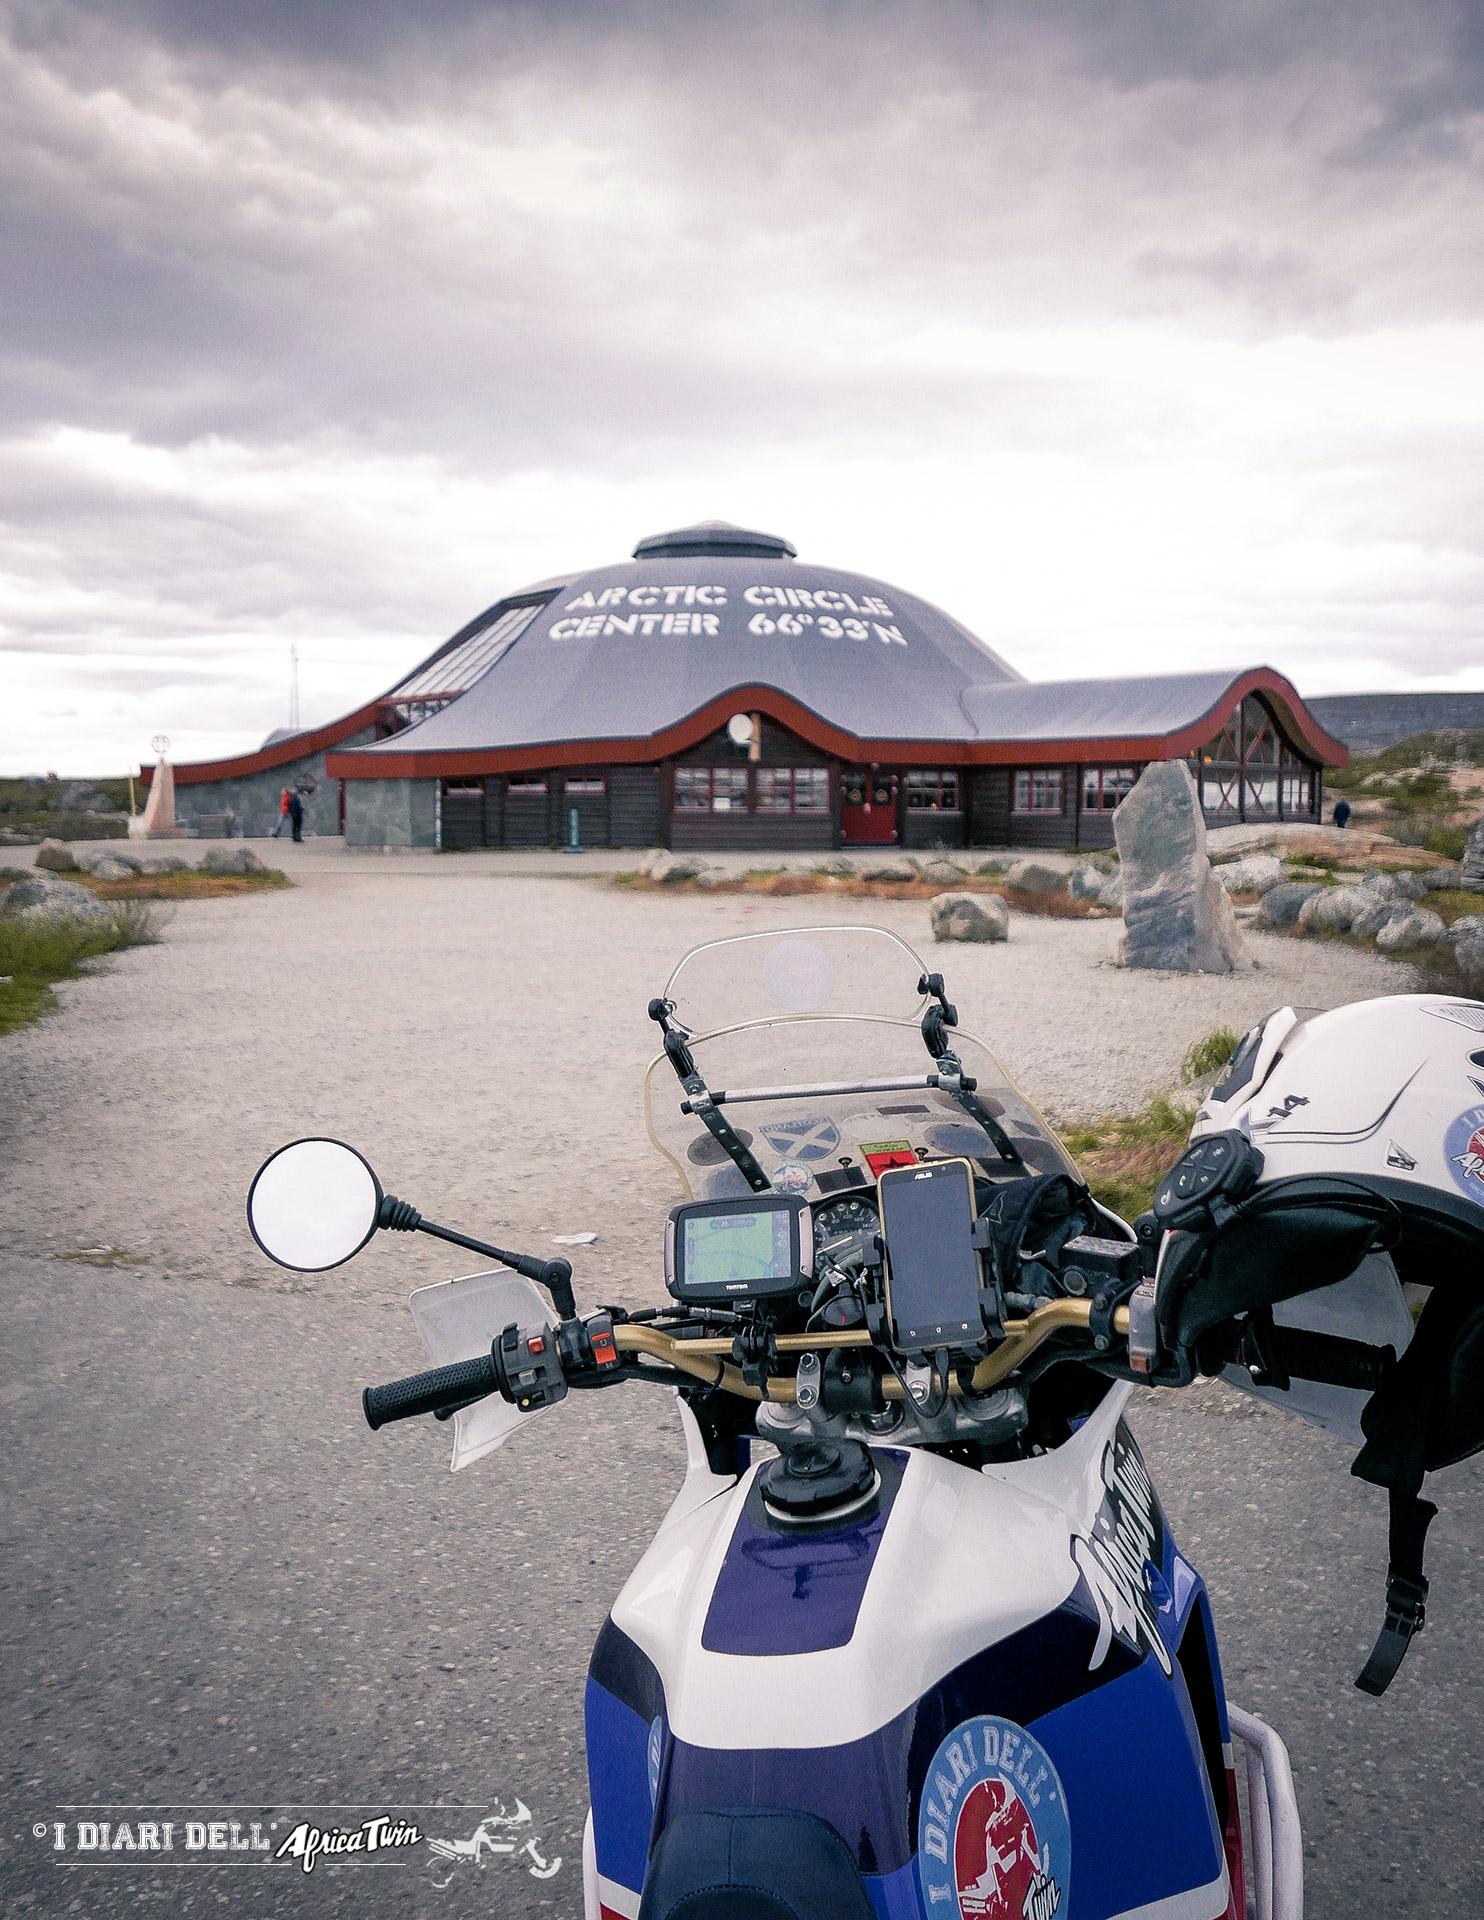 circolo polare artico caponord in moto